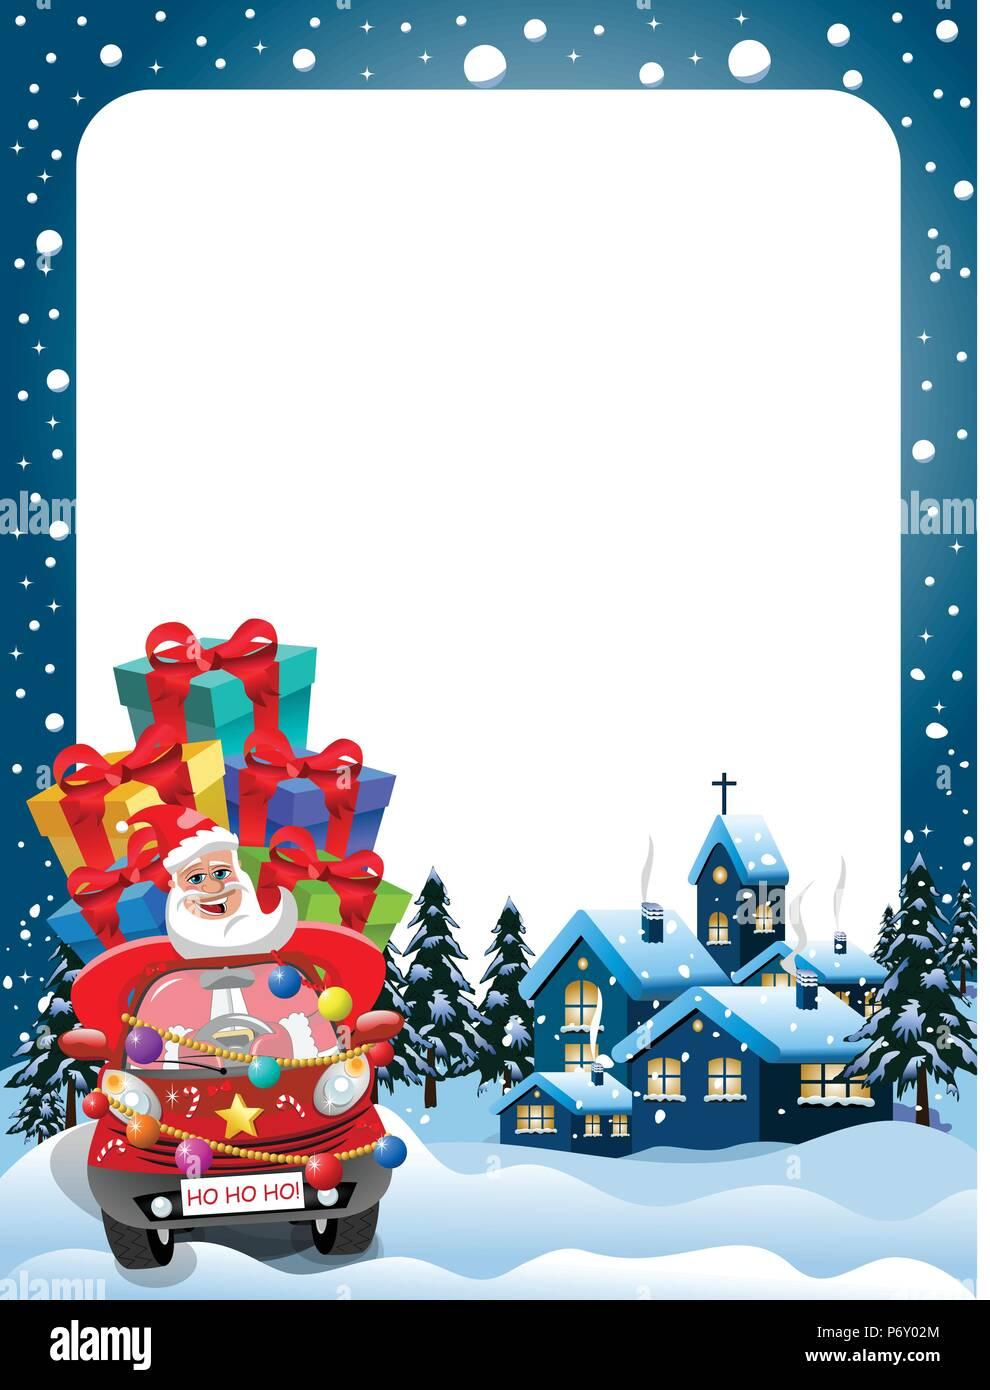 Xmas Frame with Santa Claus driving car full of gifts at xmas night ...